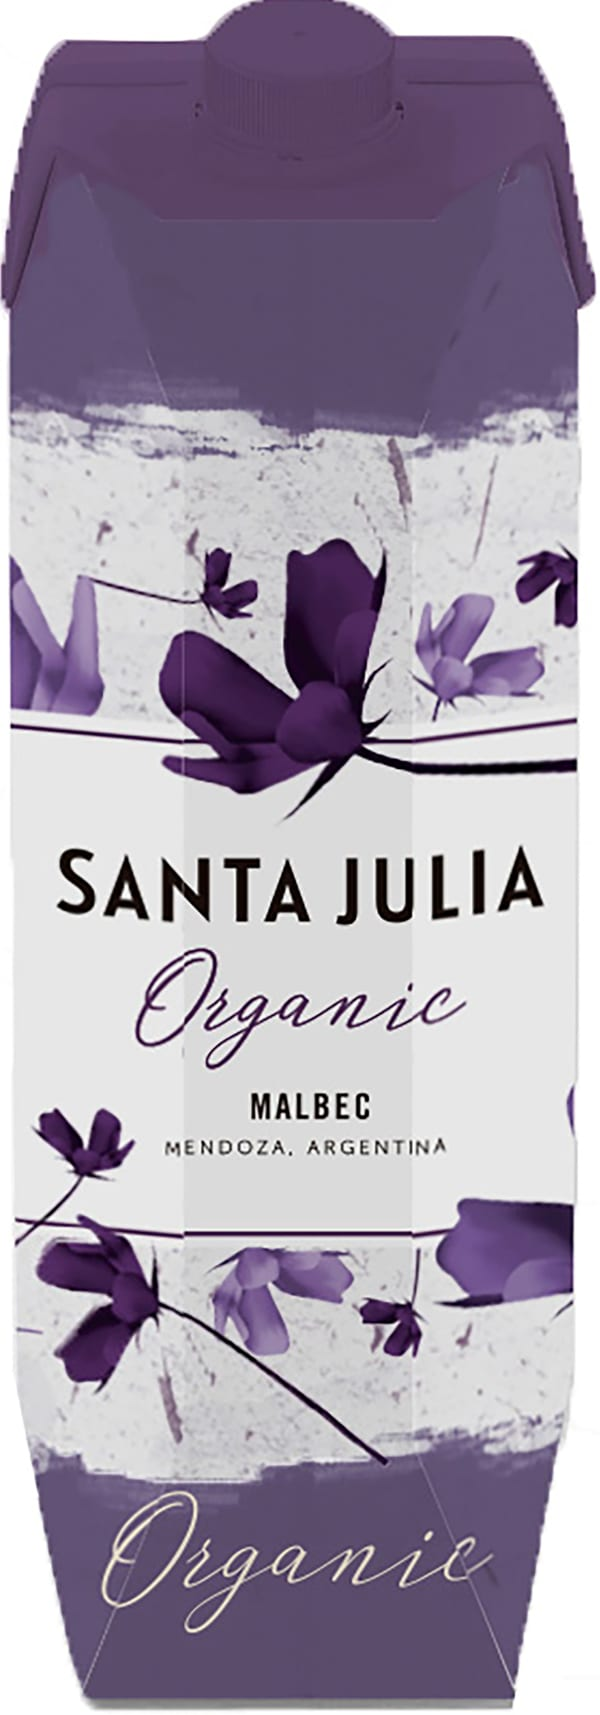 Santa Julia Organic Malbec 2017 kartongförpackning